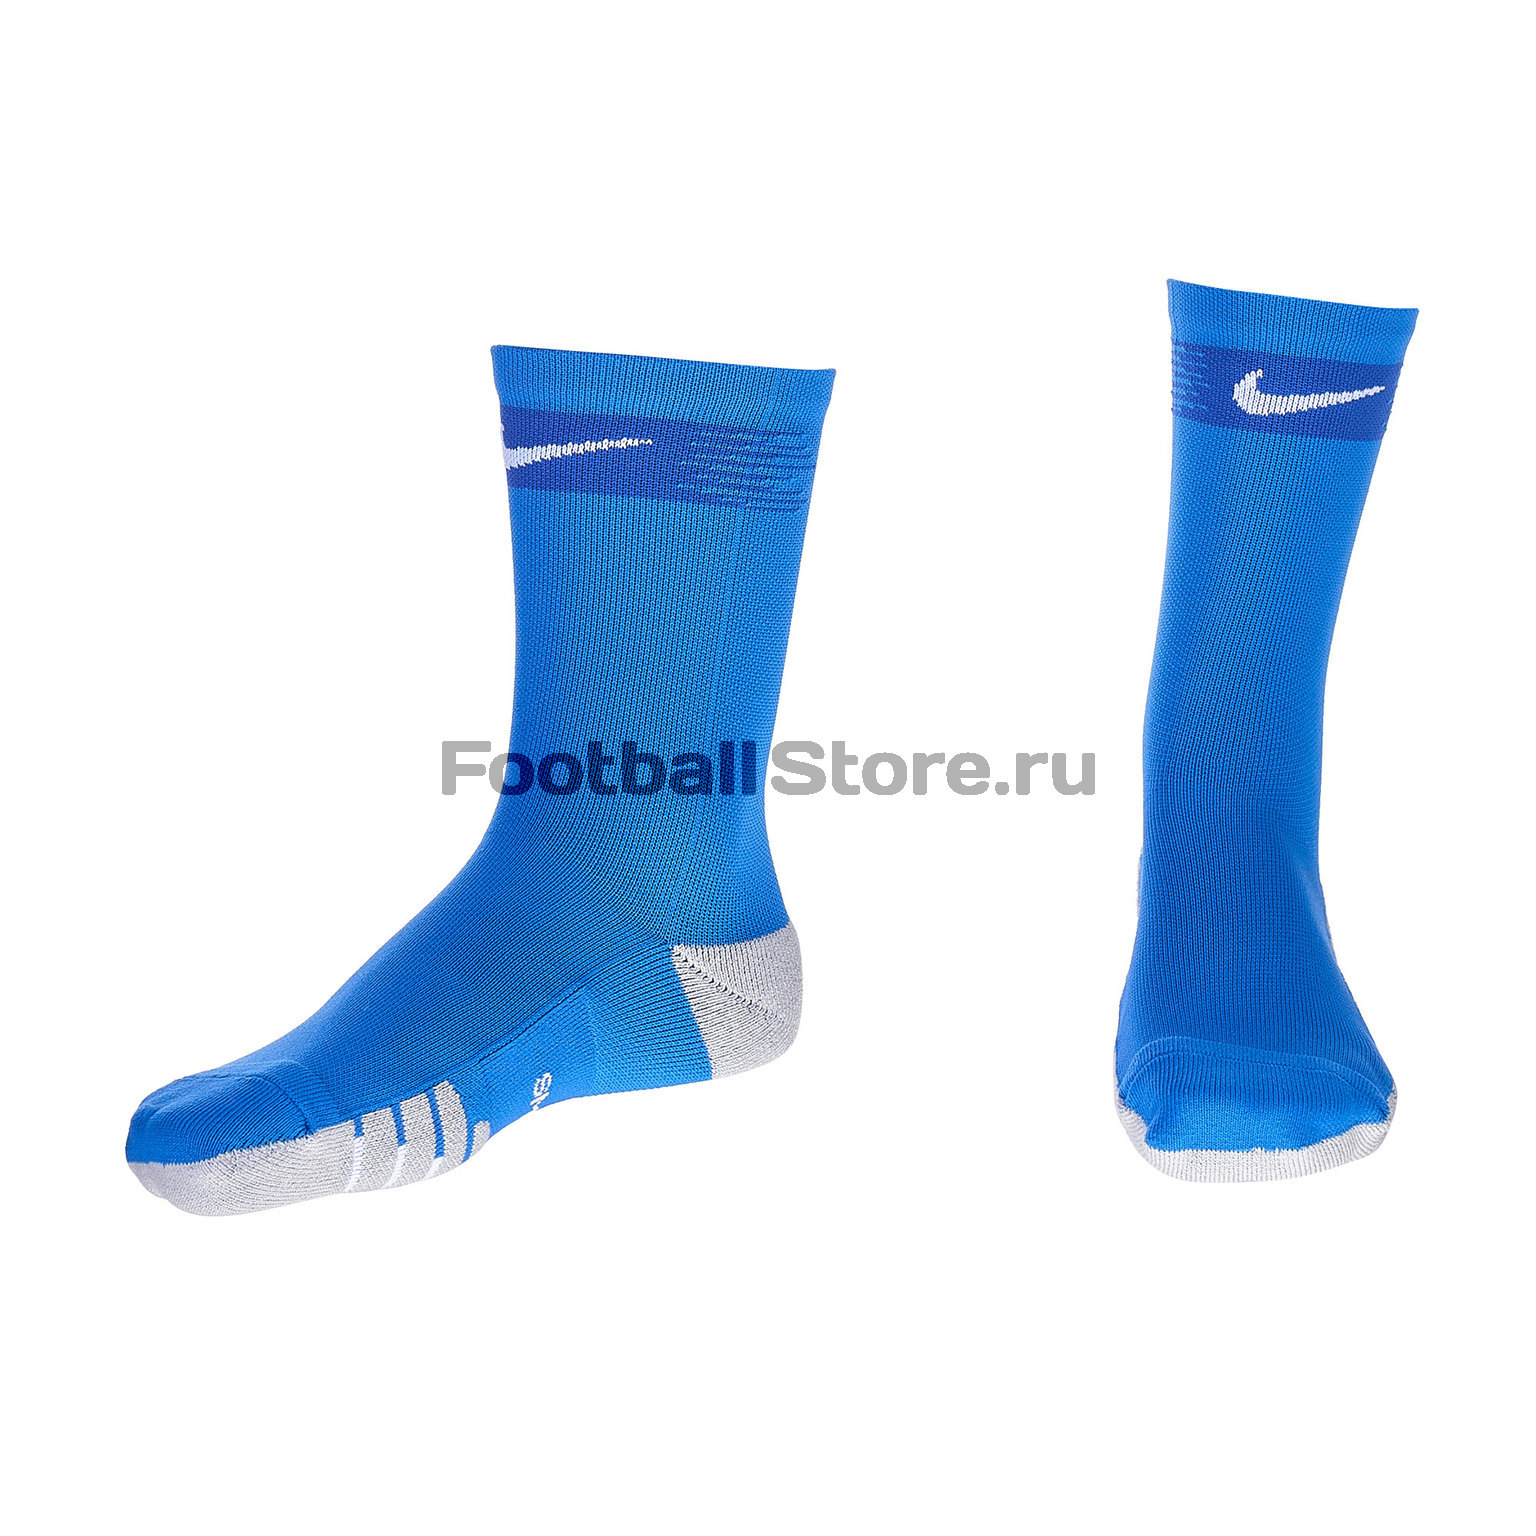 Носки Nike Matchfit Crew-Team SX6835-463 цена